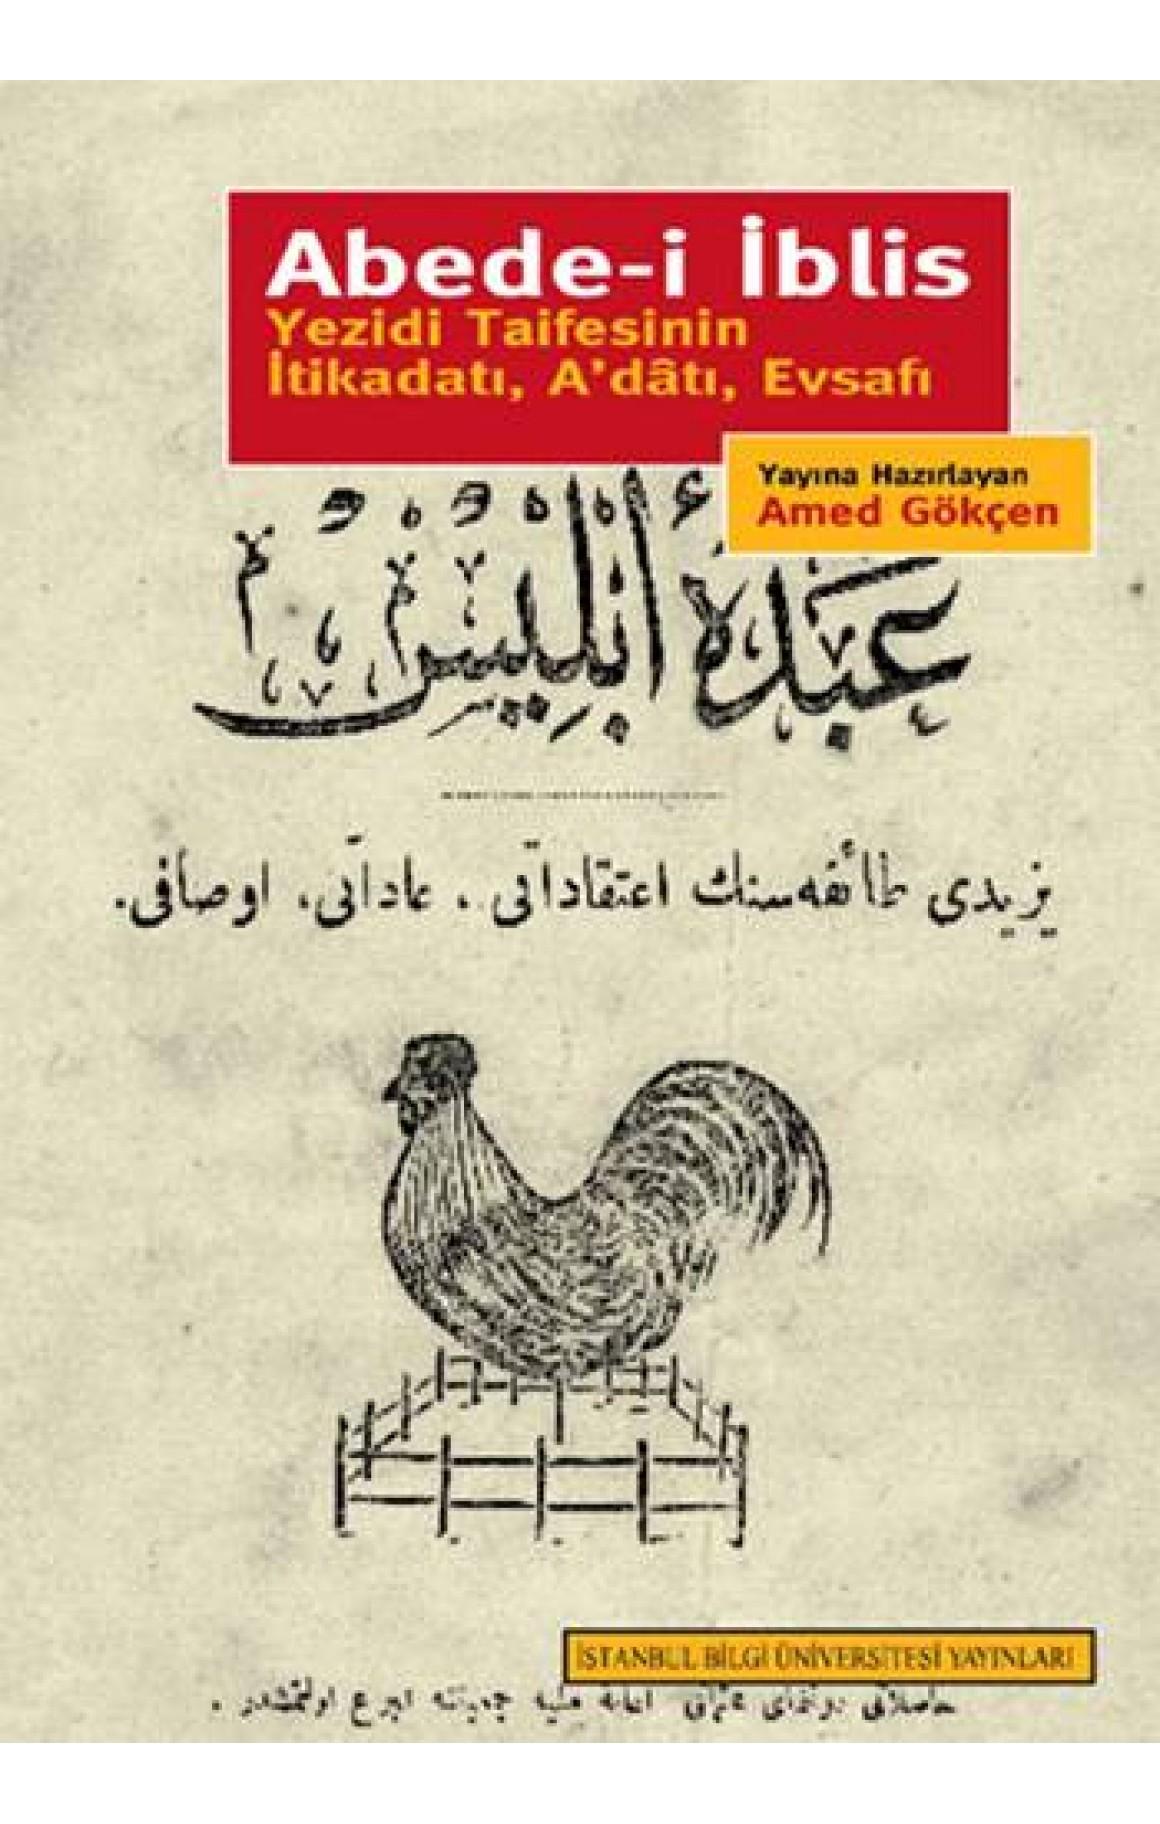 Abede-i İblis Yezidi Taifesinin İtikadatı, A'datı, Evsafı